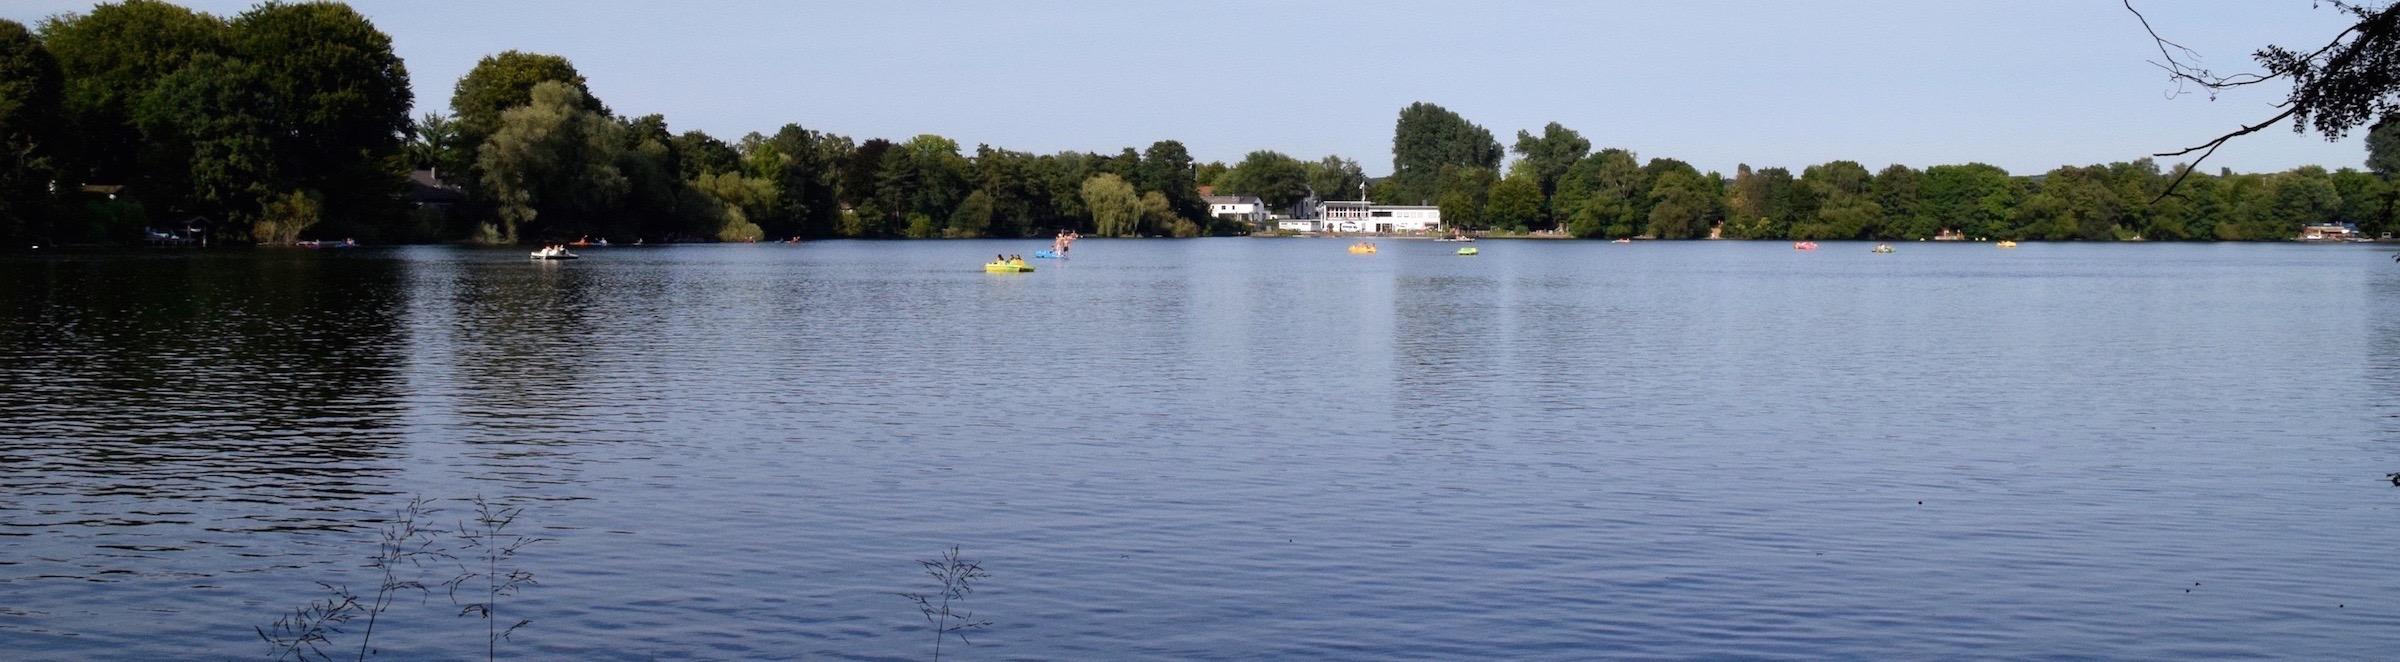 Der Wambachsee bietet viele Wassersportmöglichkeiten. ©mhu